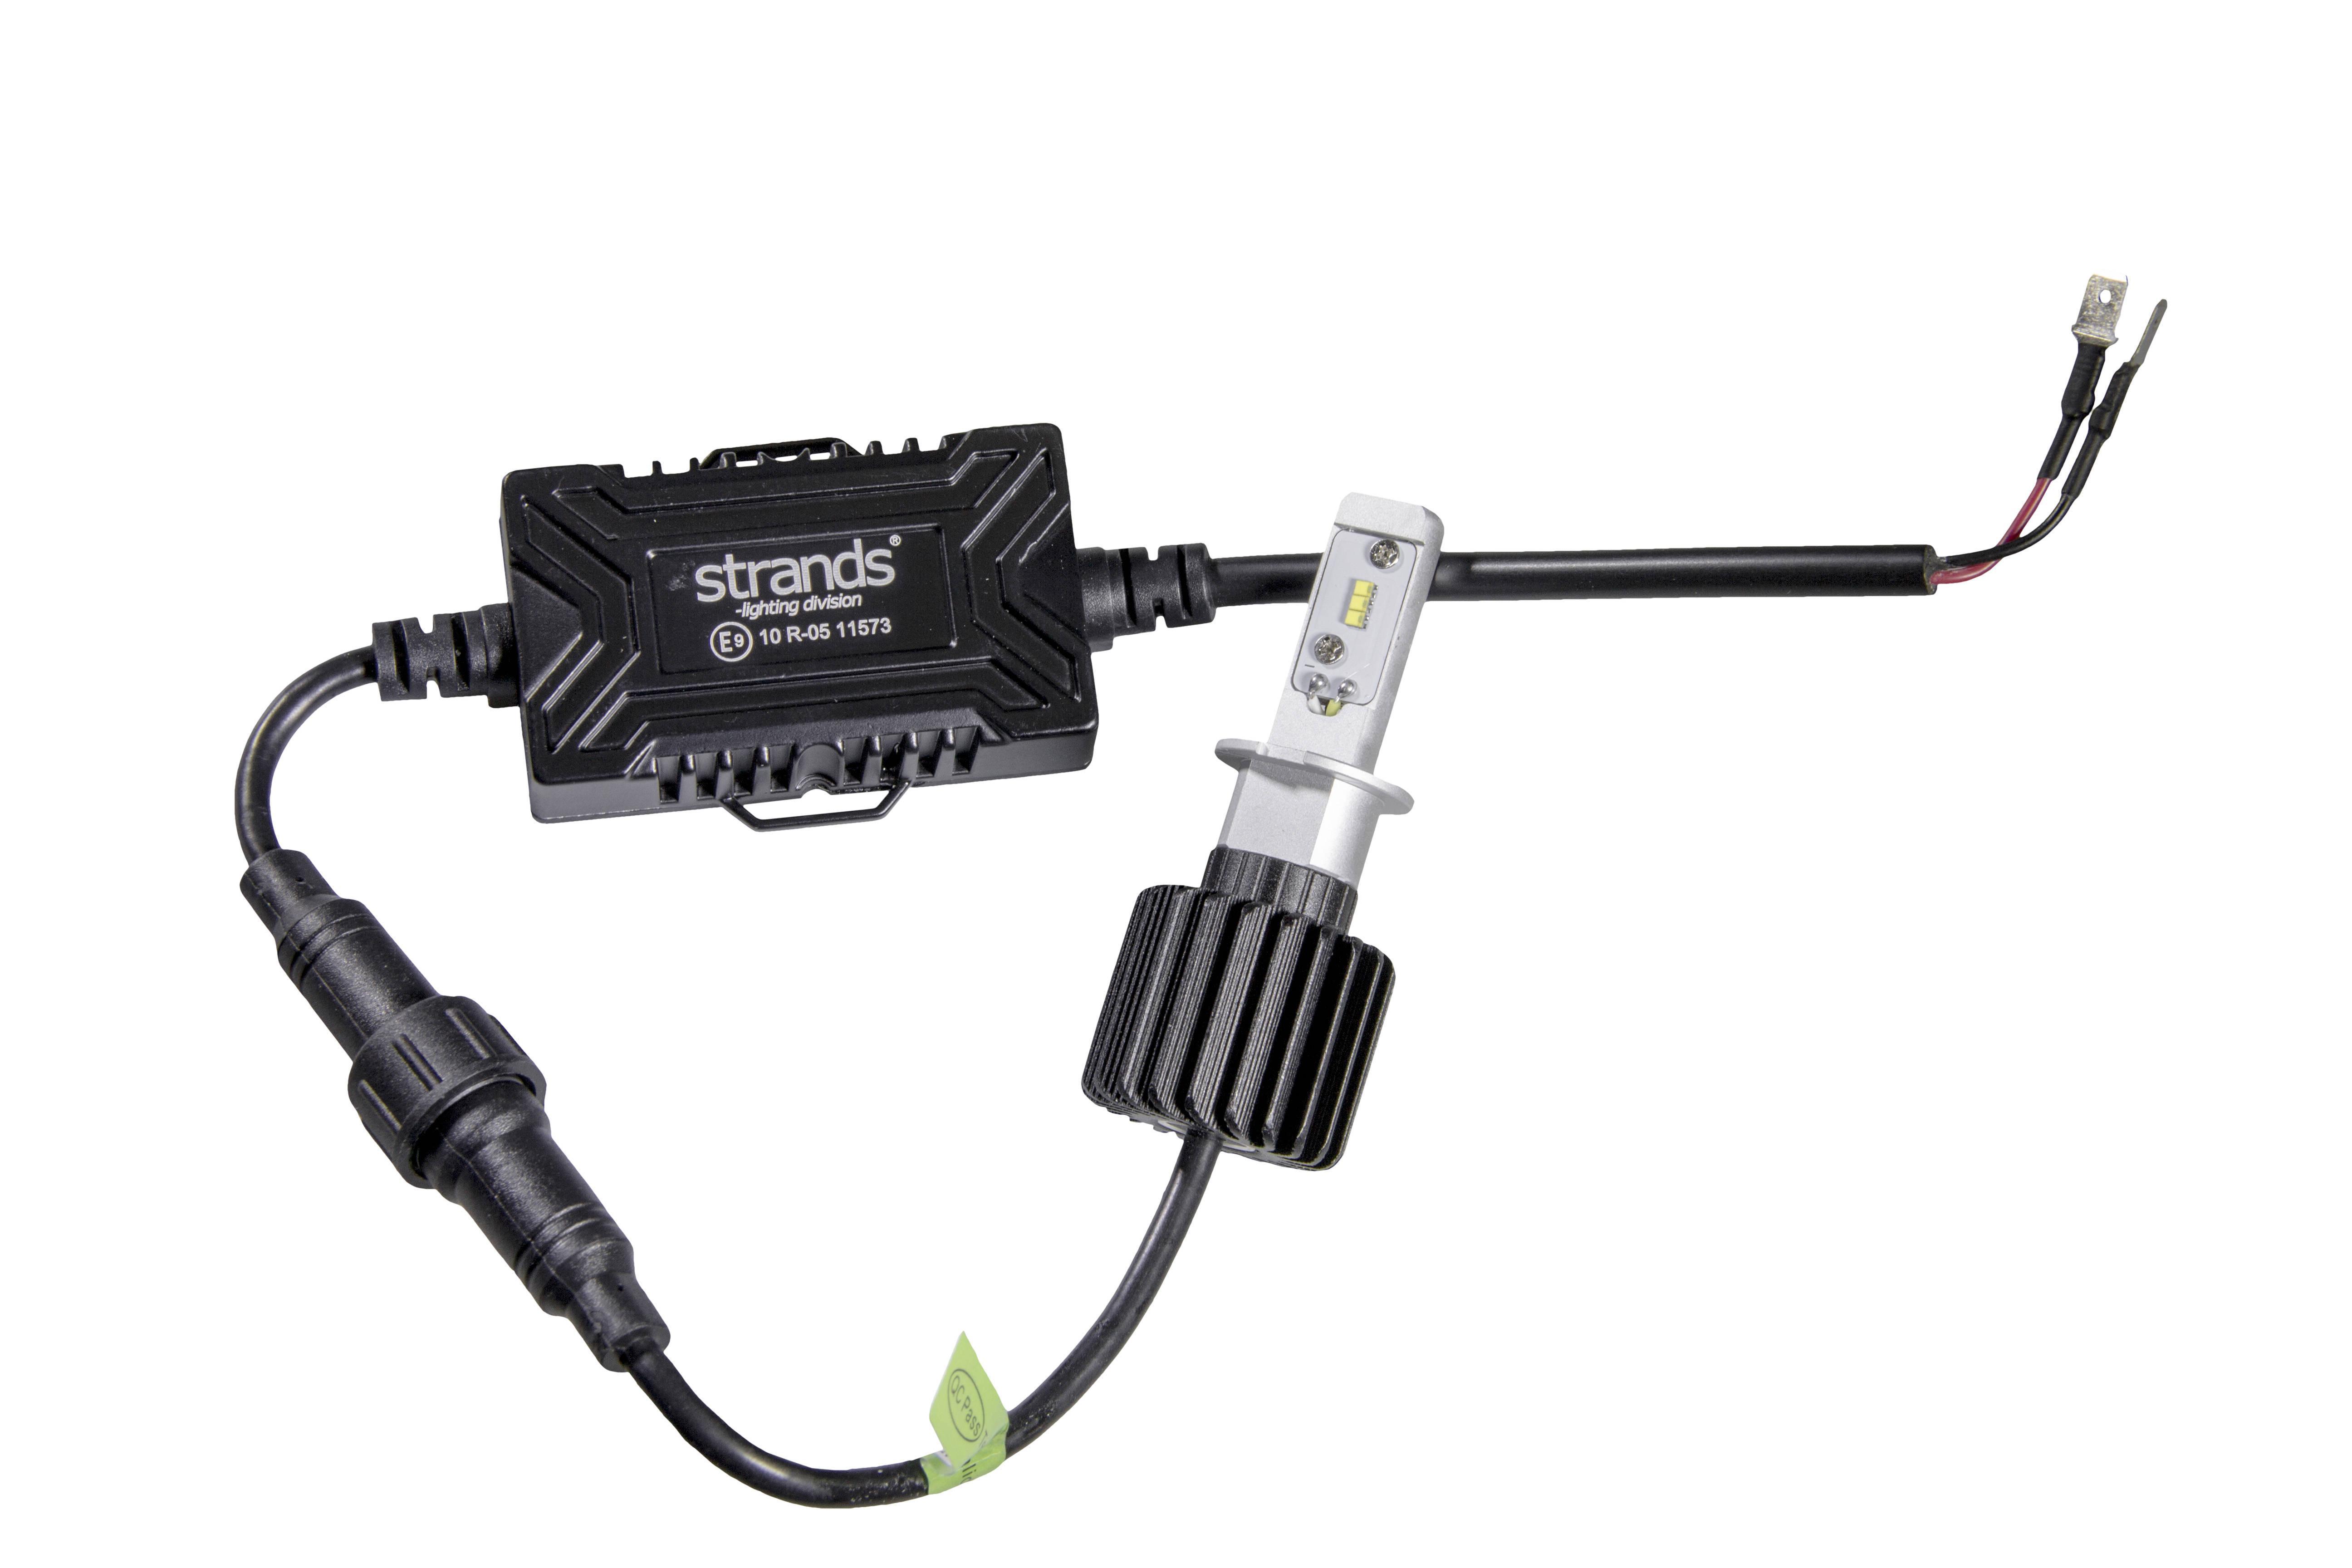 280803 Glühlampe, Fernscheinwerfer STRANDS 280803 - Große Auswahl - stark reduziert